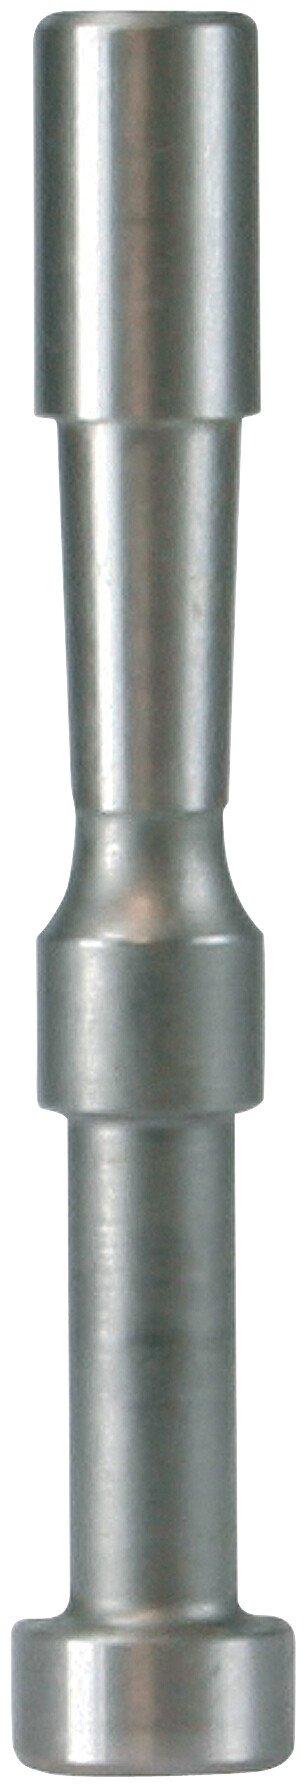 Makita 792265-5 Punch For machines: JN1600, 7922655